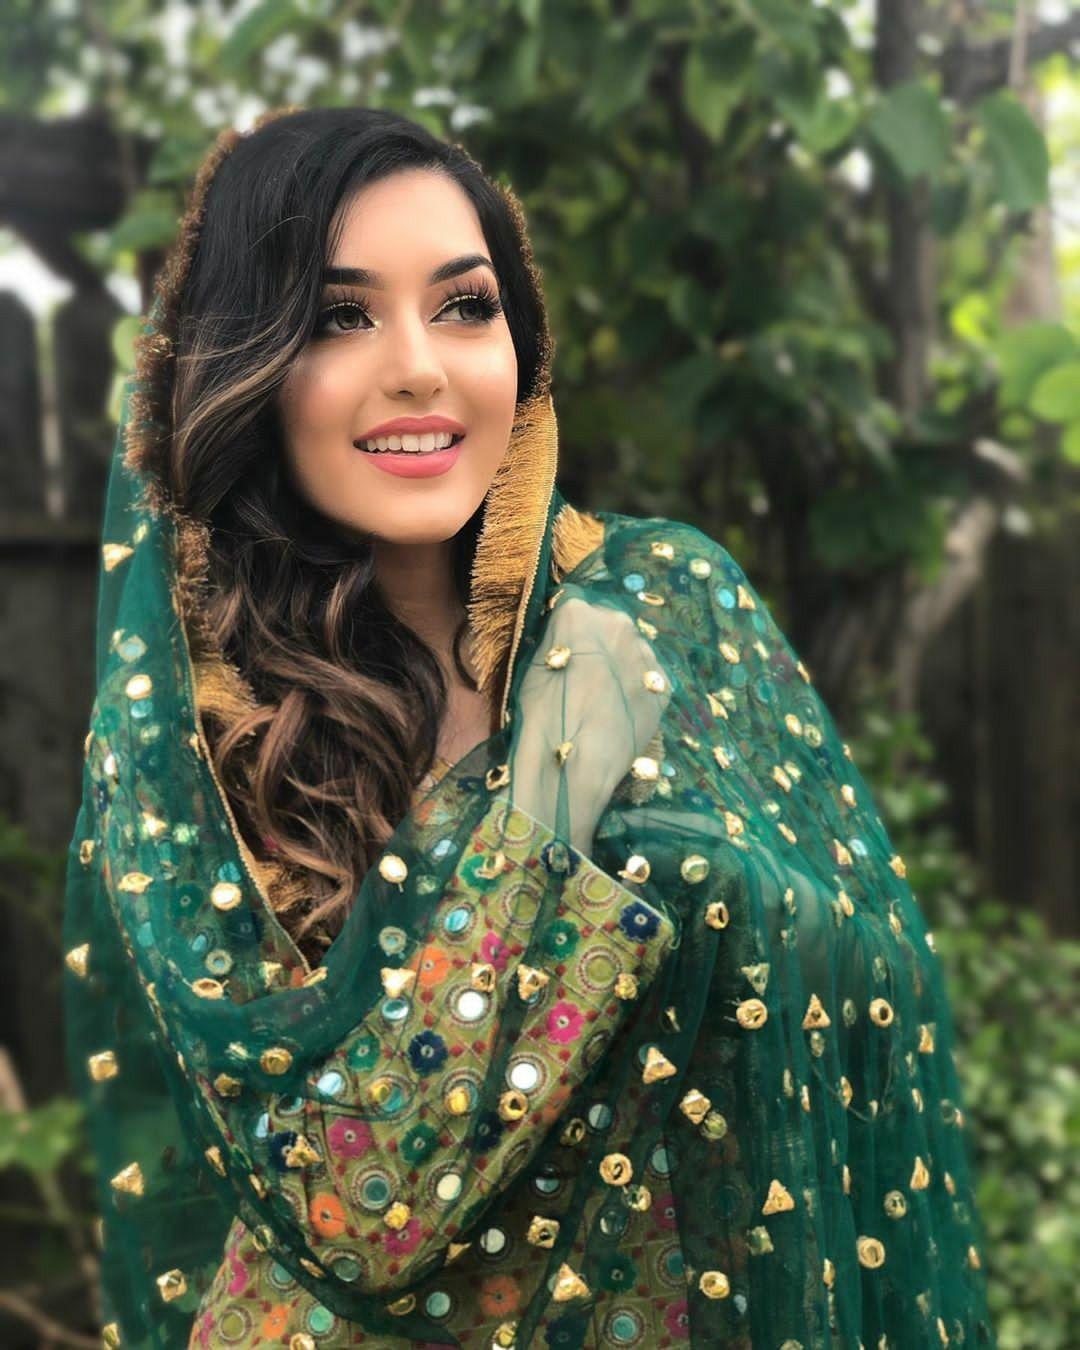 Marvieanmoll | Afghan girl, Afghan dresses, Beautiful girl